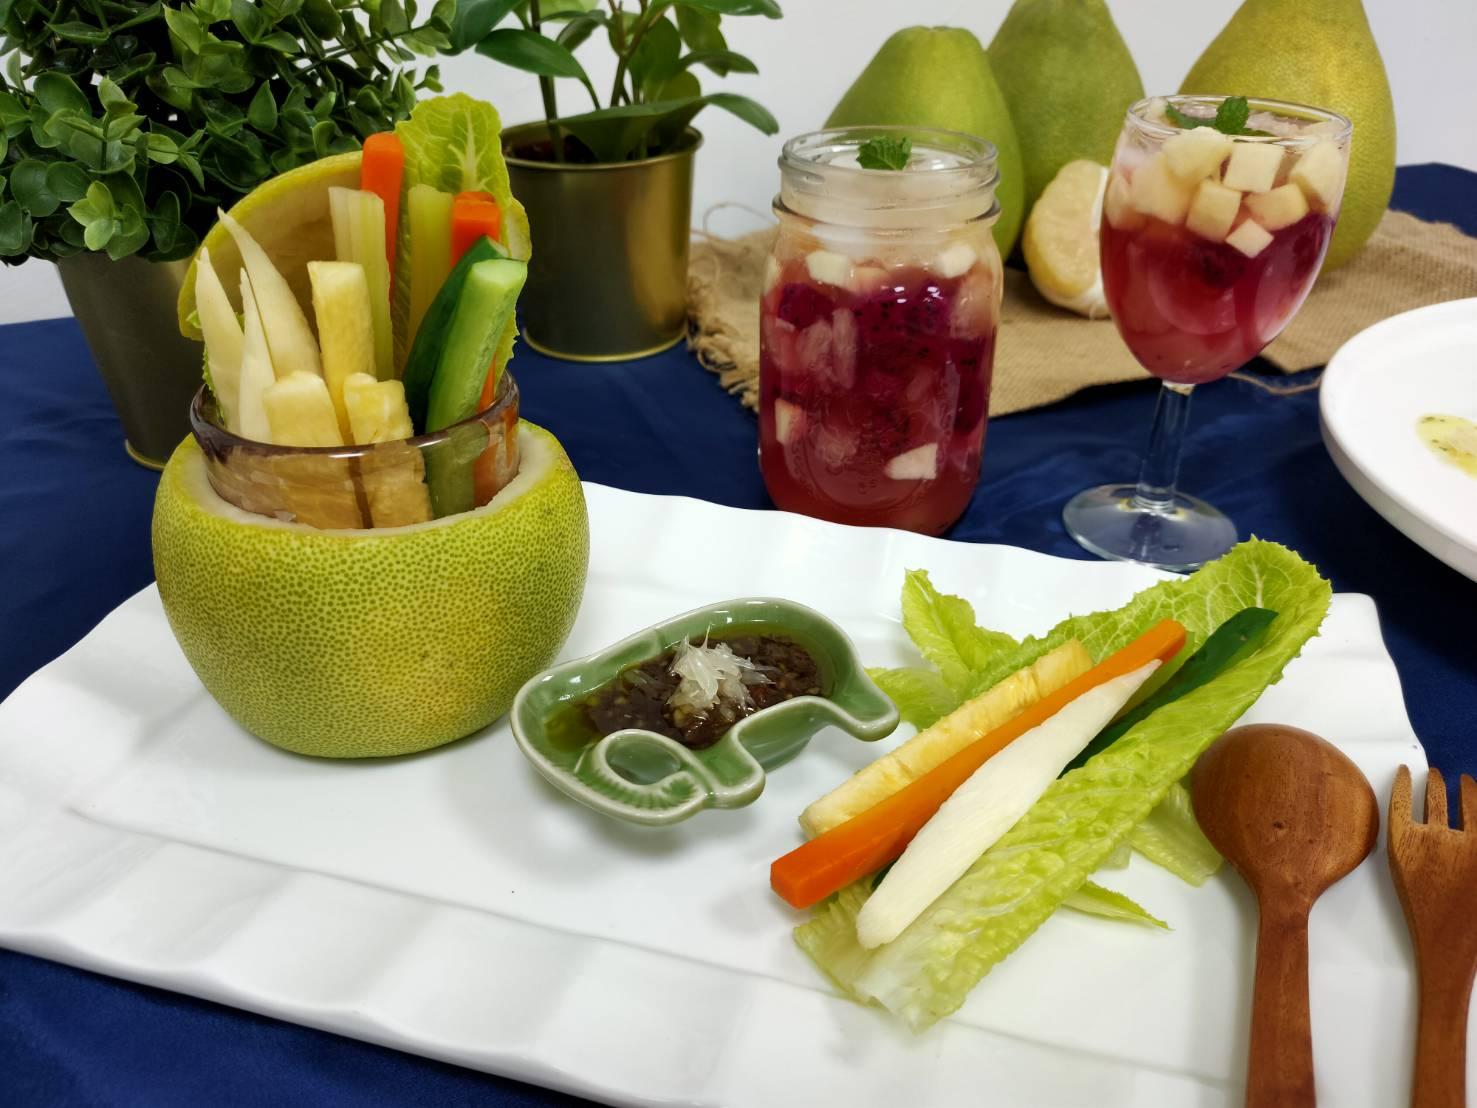 柚子營養高中醫大新竹附醫營養師推柚子料理簡單做